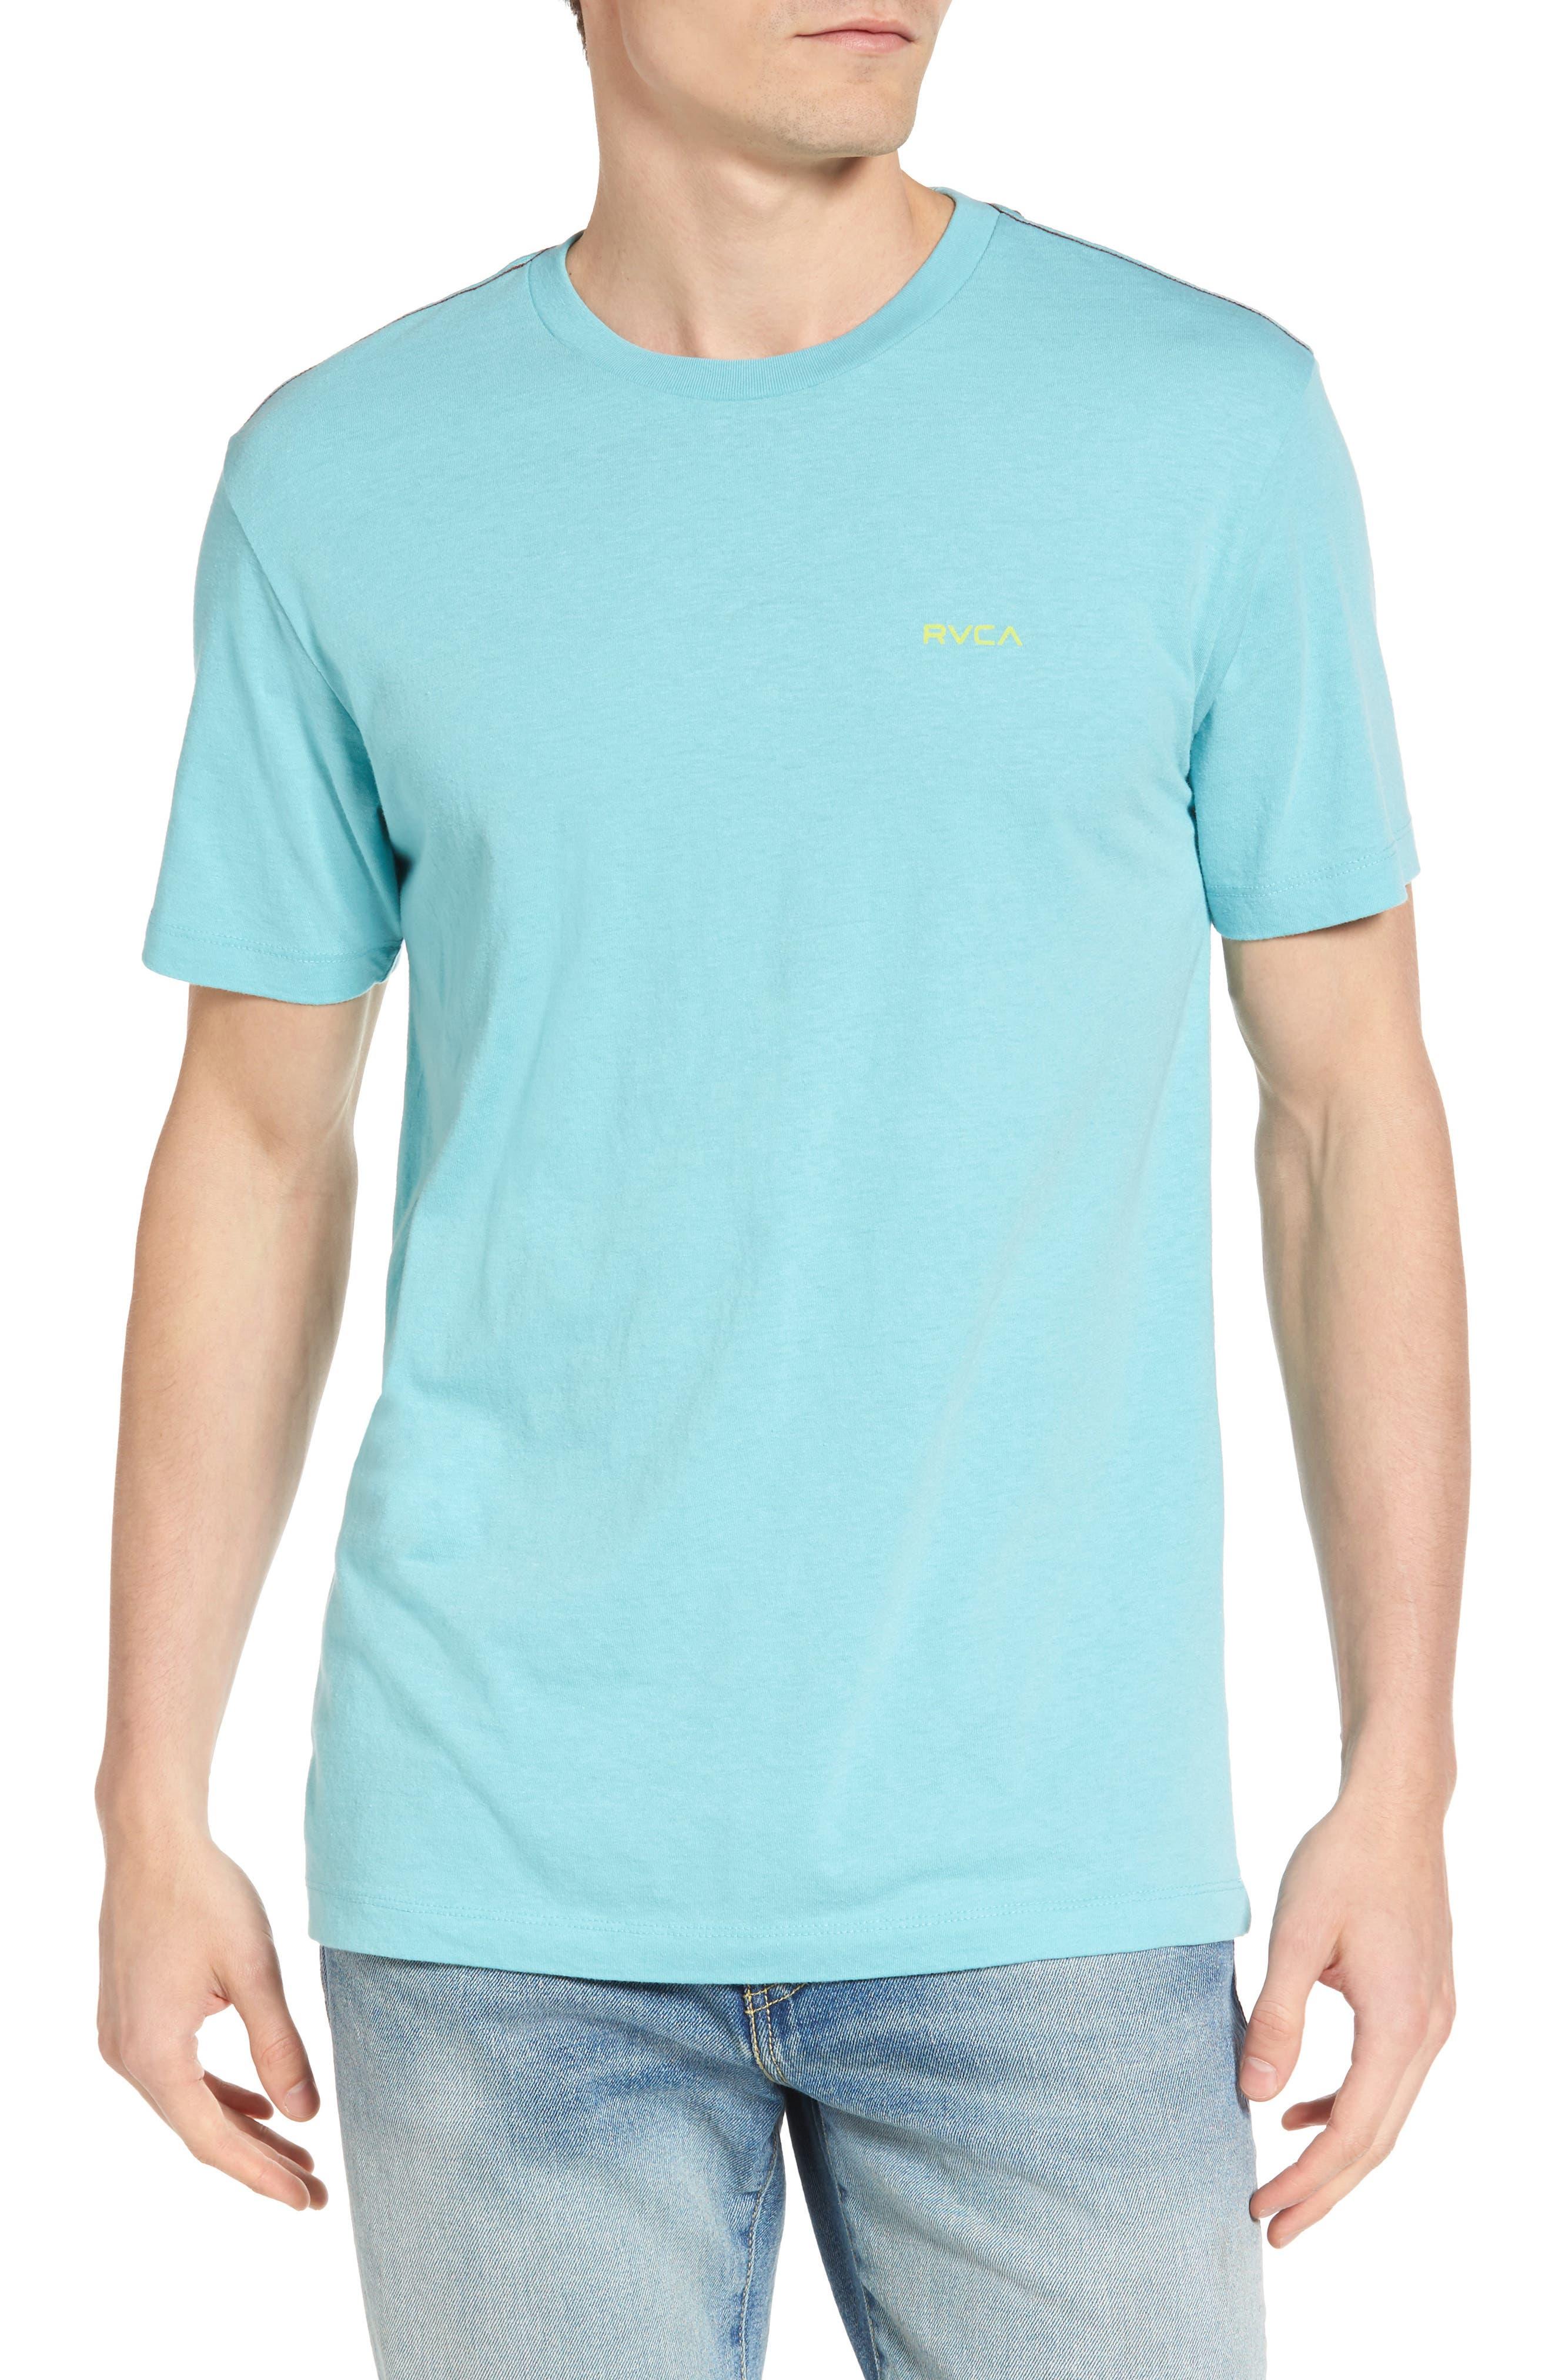 Main Image - RVCA Small RVCA Chest Graphic T-Shirt